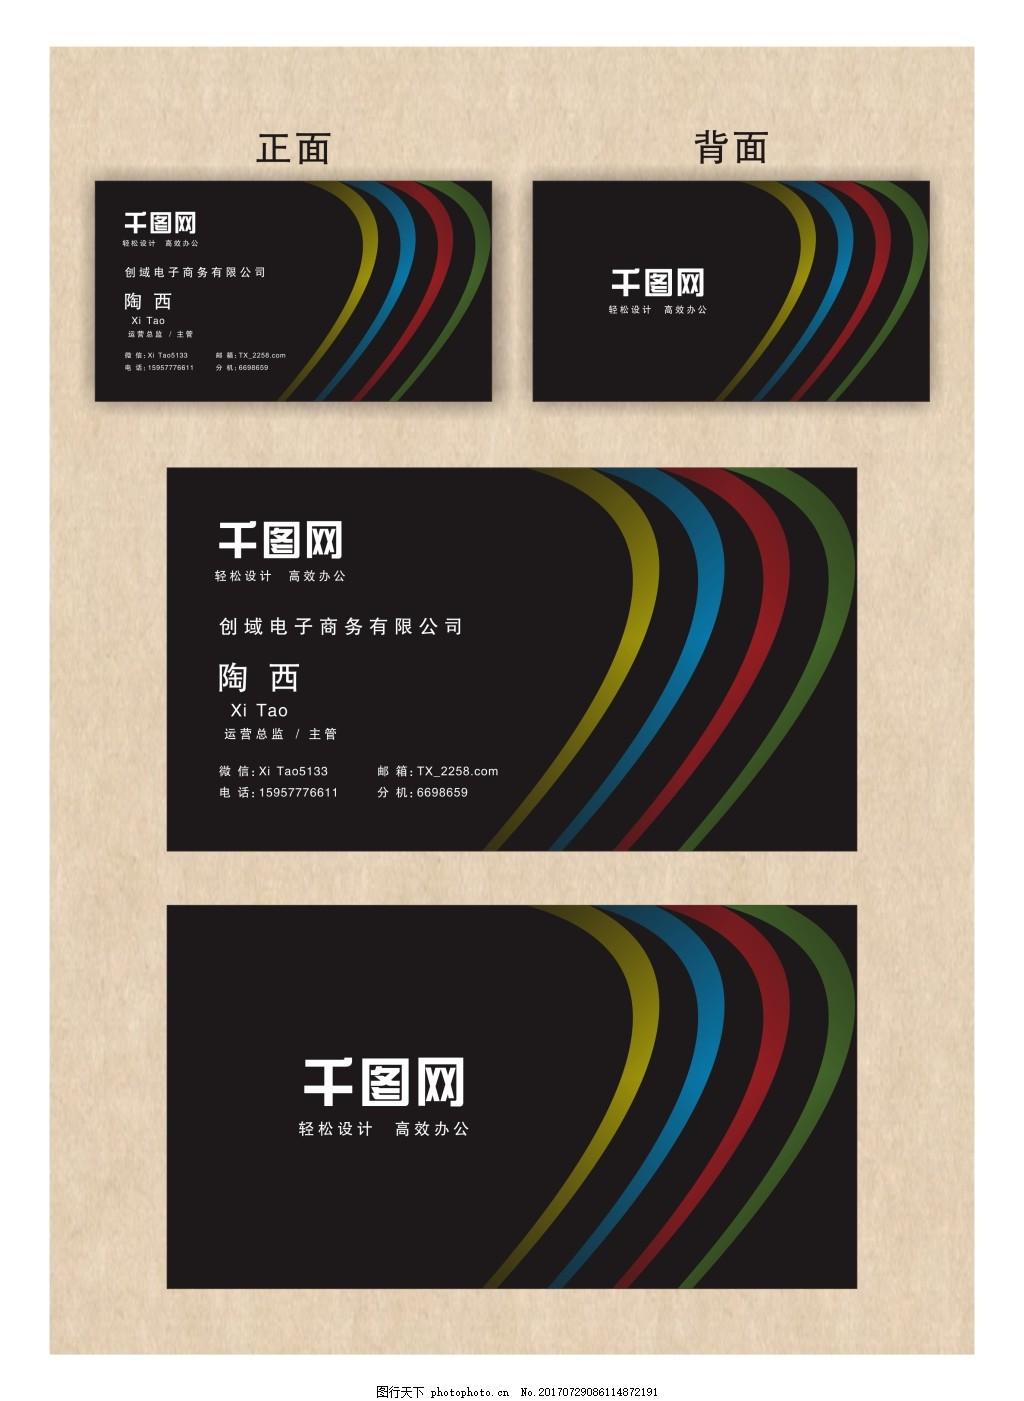 商务简洁名片设计模板cdr素材下载 黑色 创意名片 可任意编辑